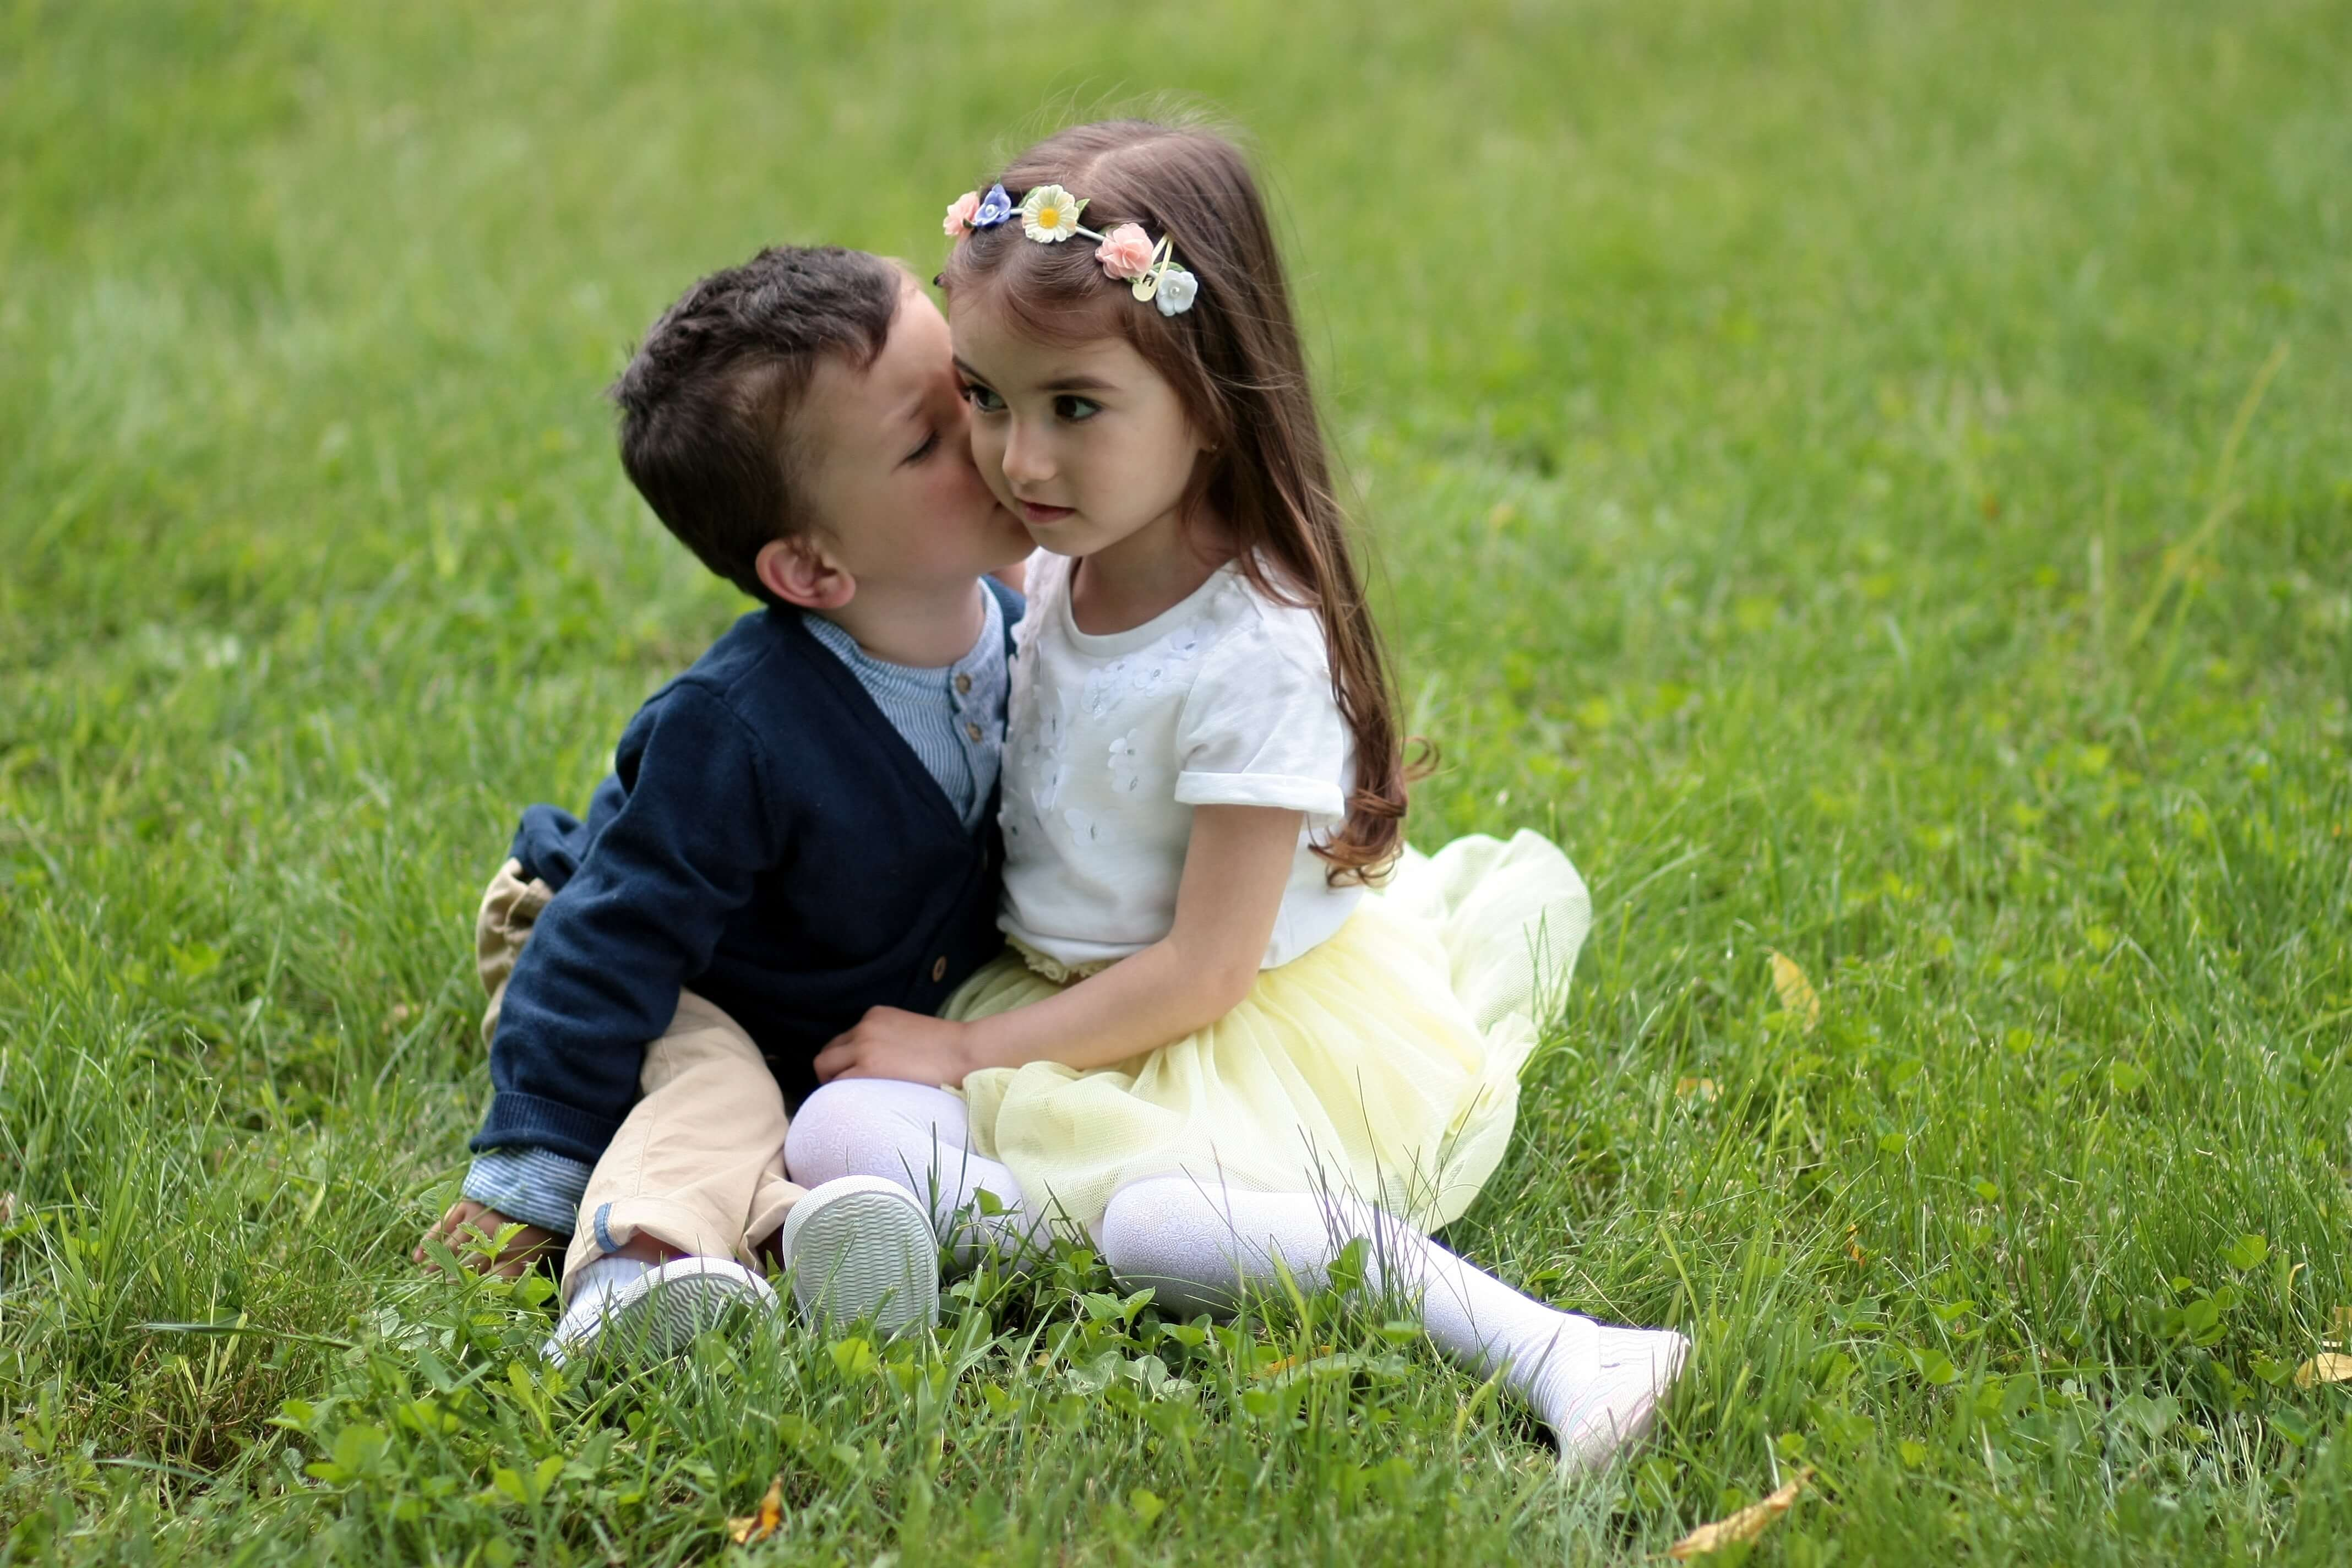 【キスの夢占い】キスする夢・される夢の意味23パターン!